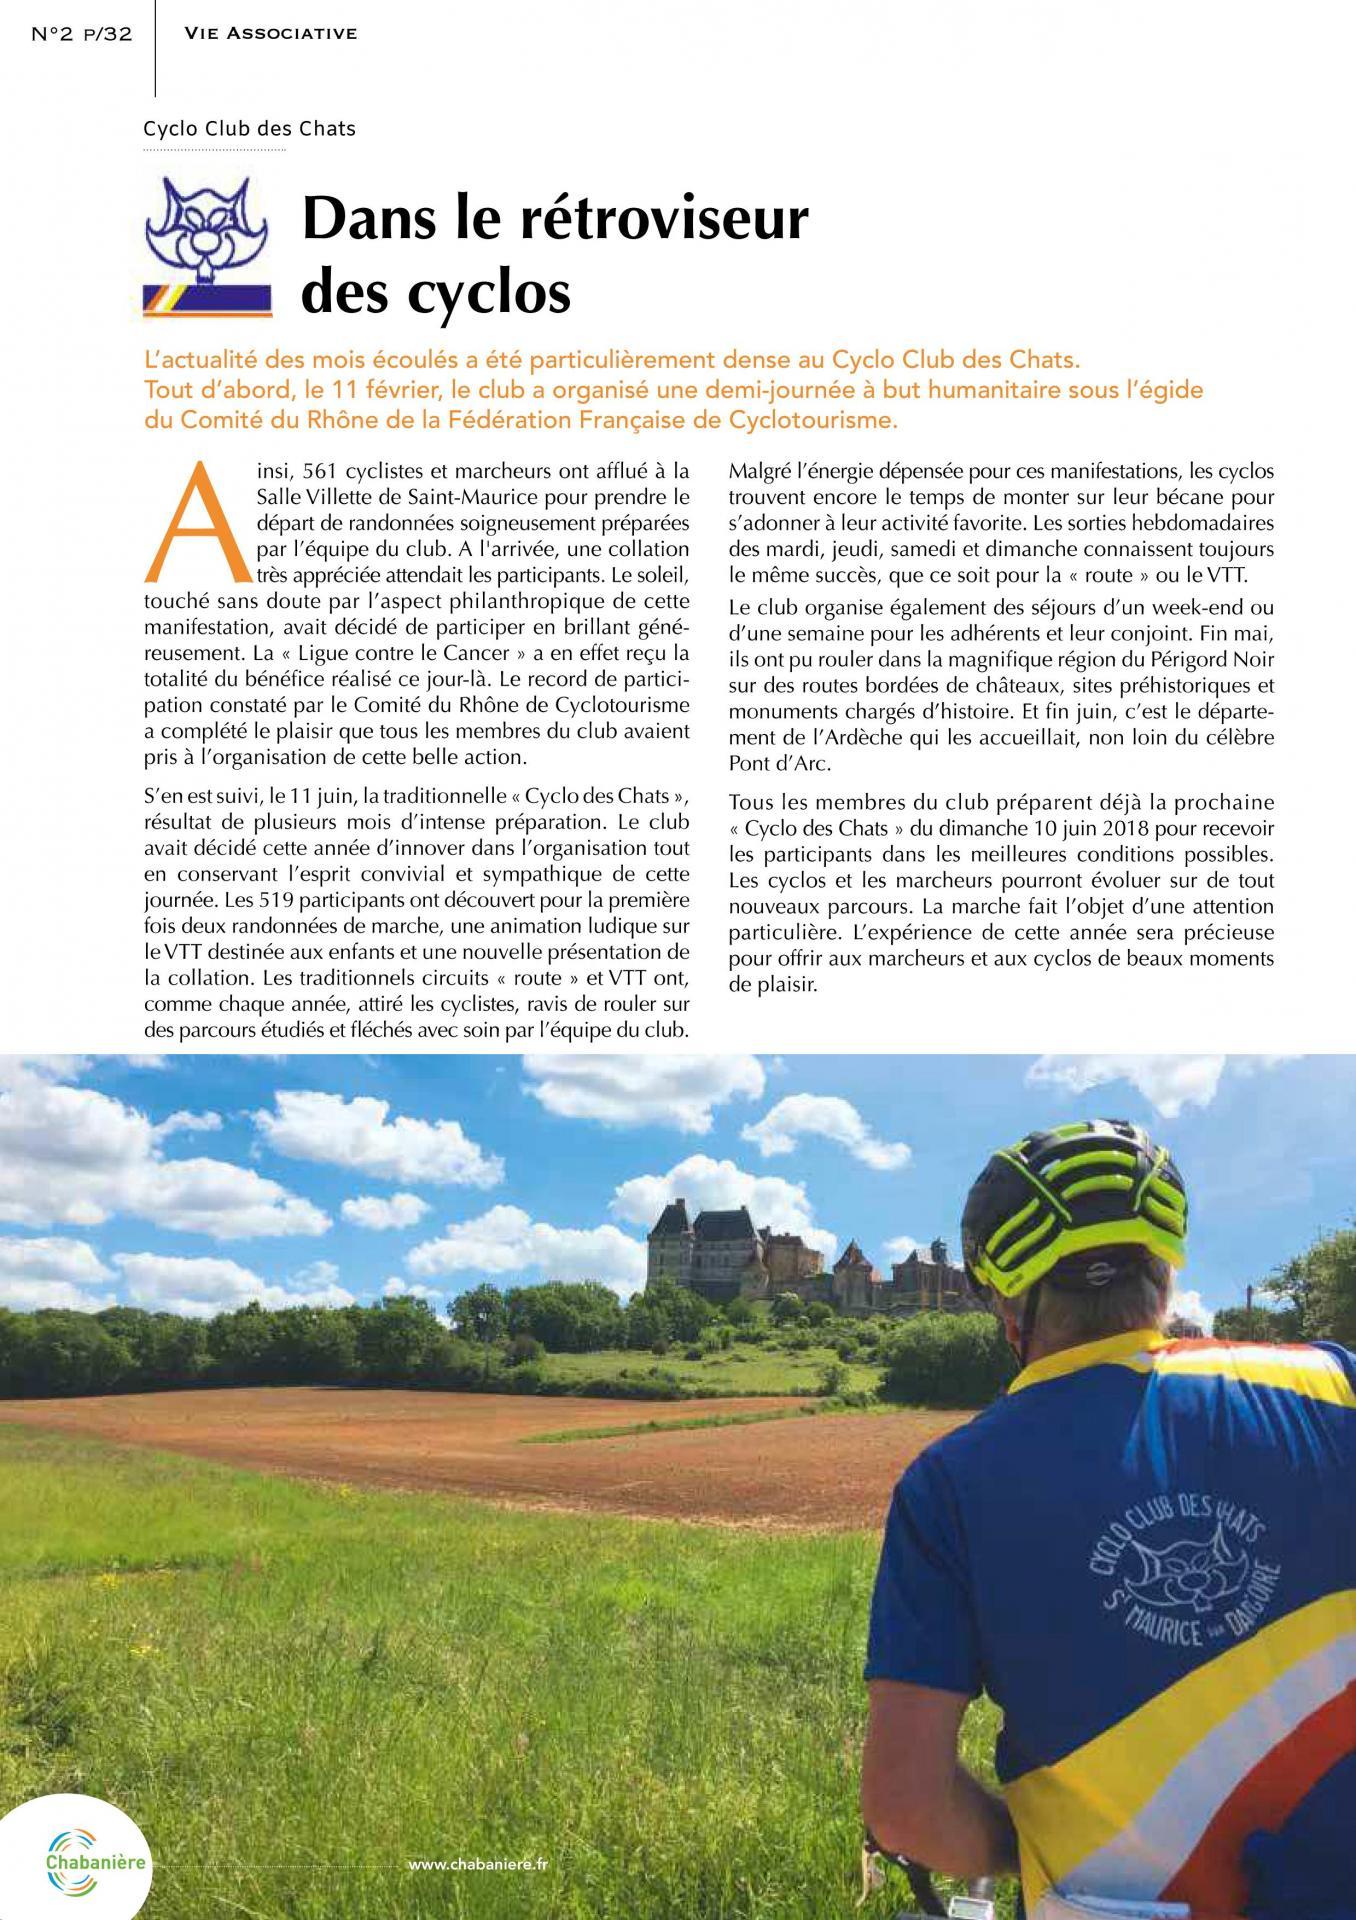 Magazine de chabaniere page 12 octobre 2017